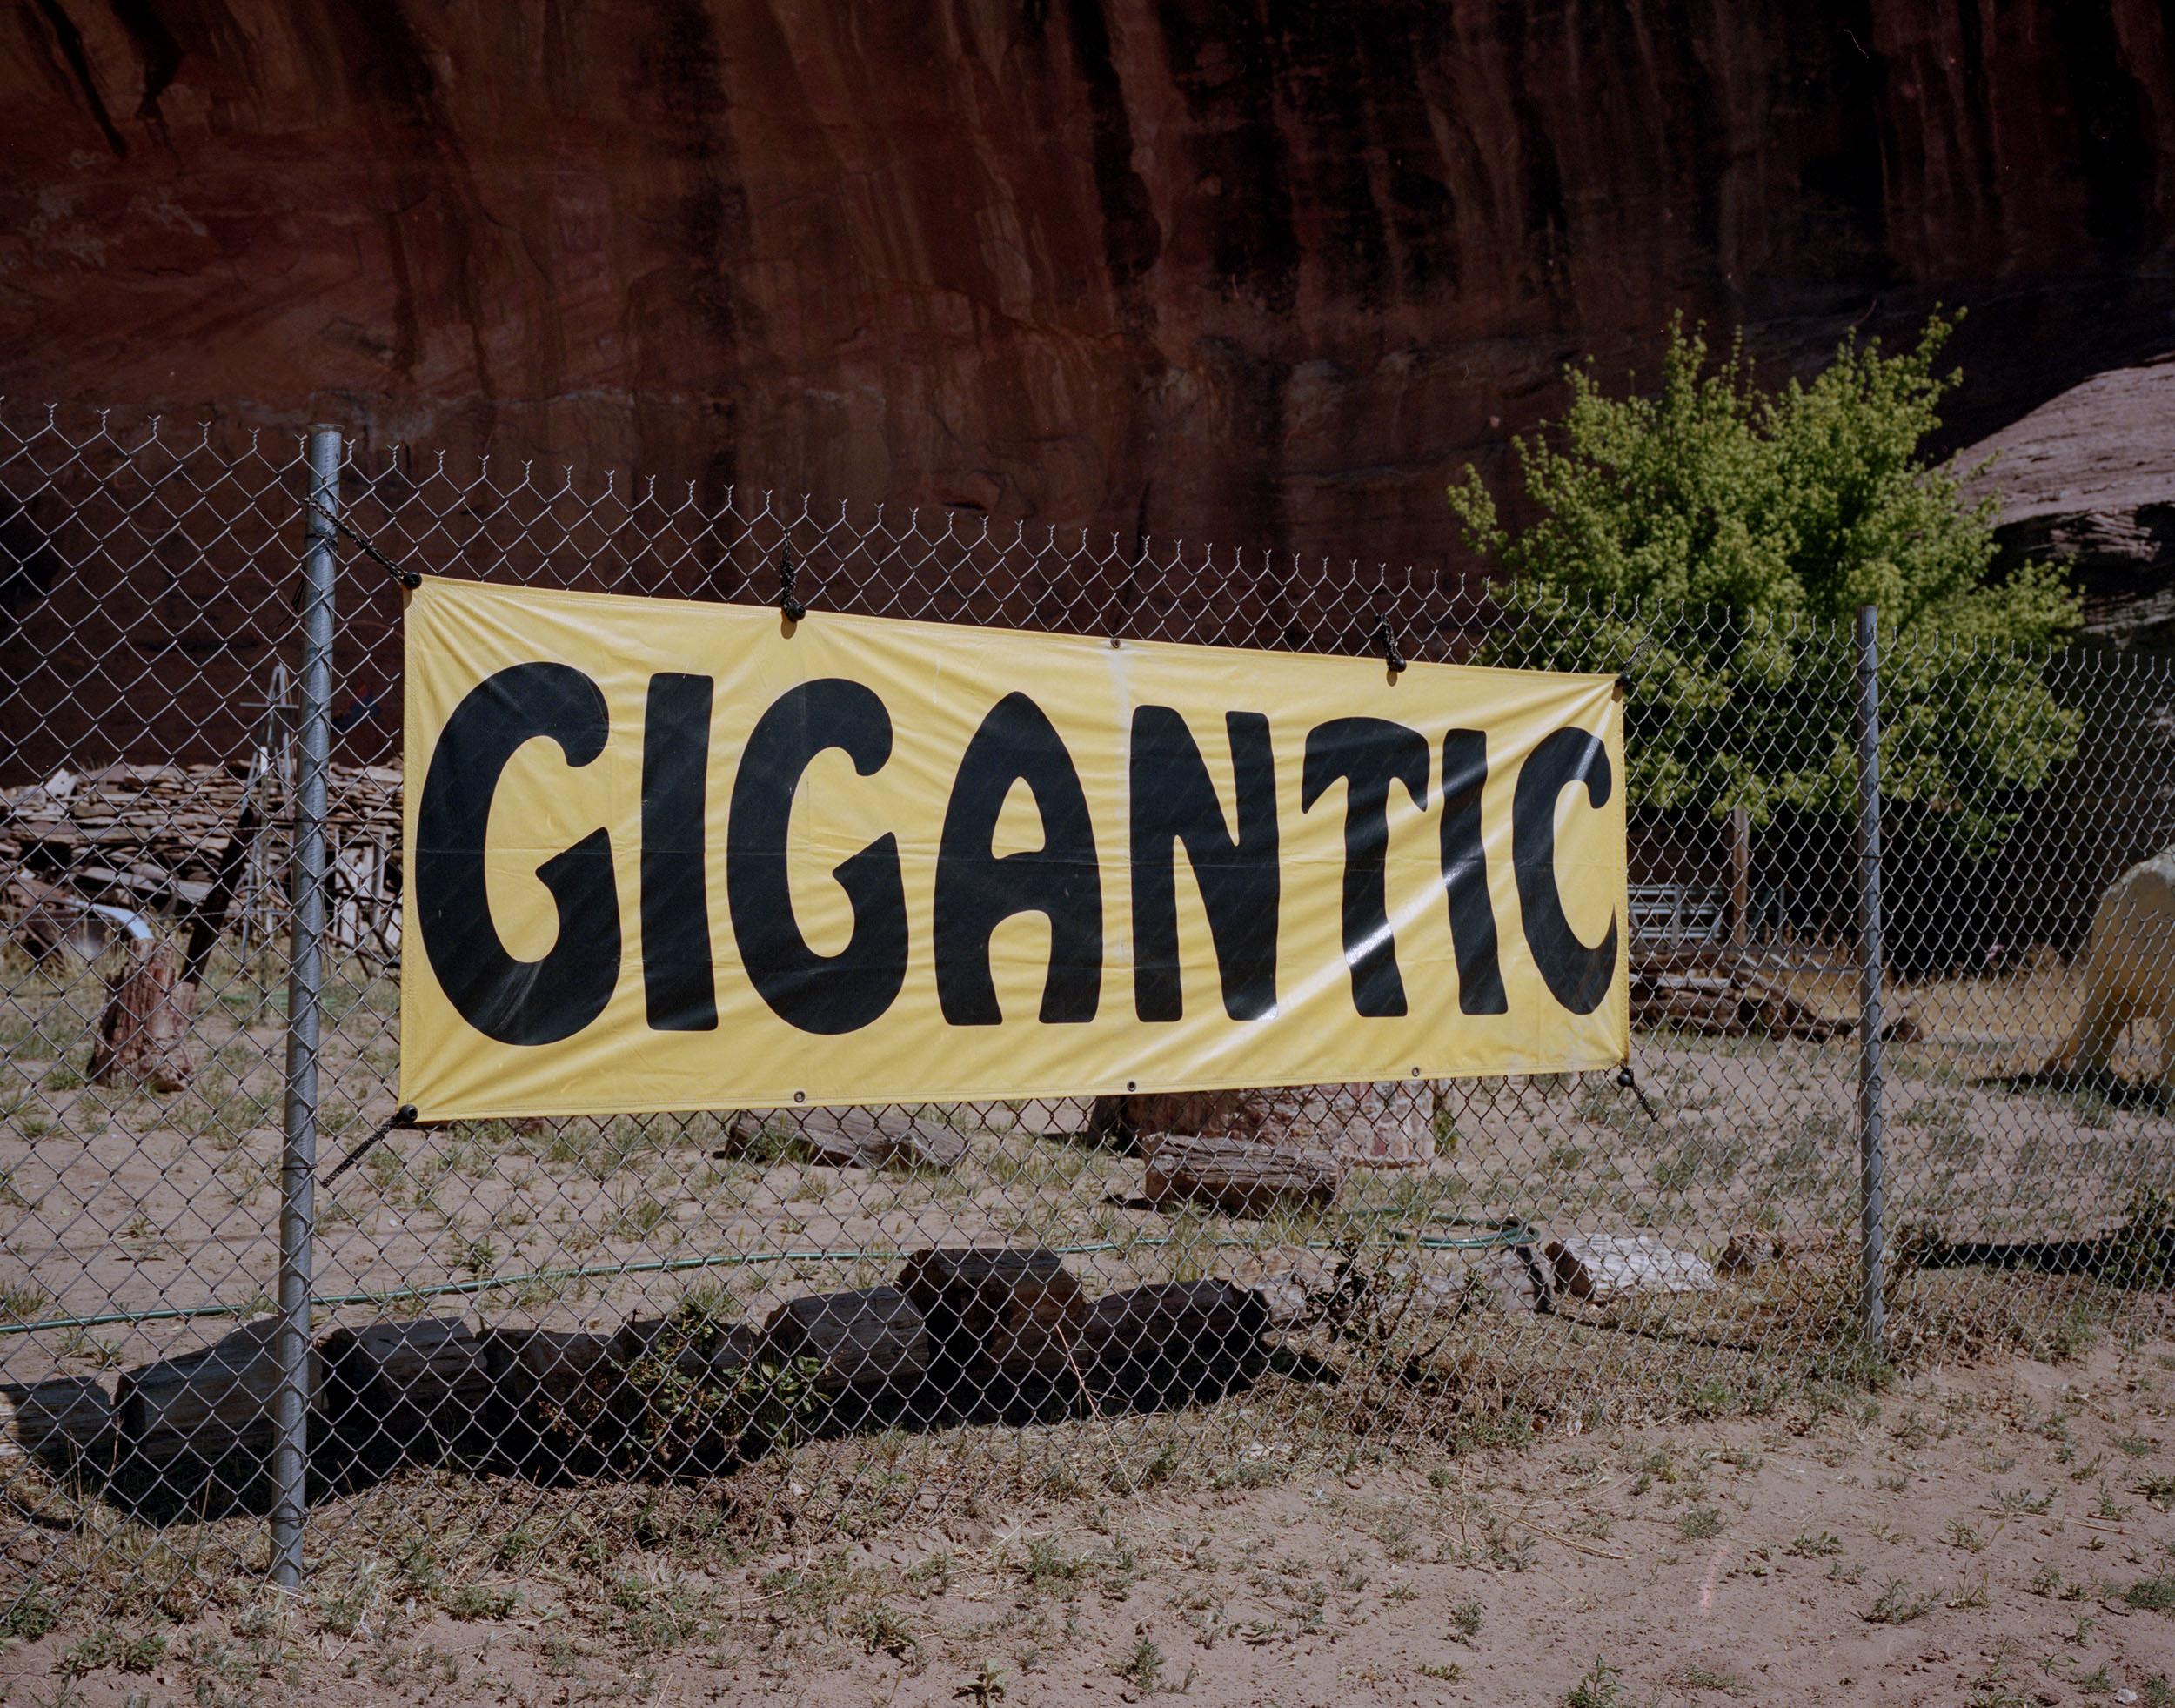 Gigantic001.jpg